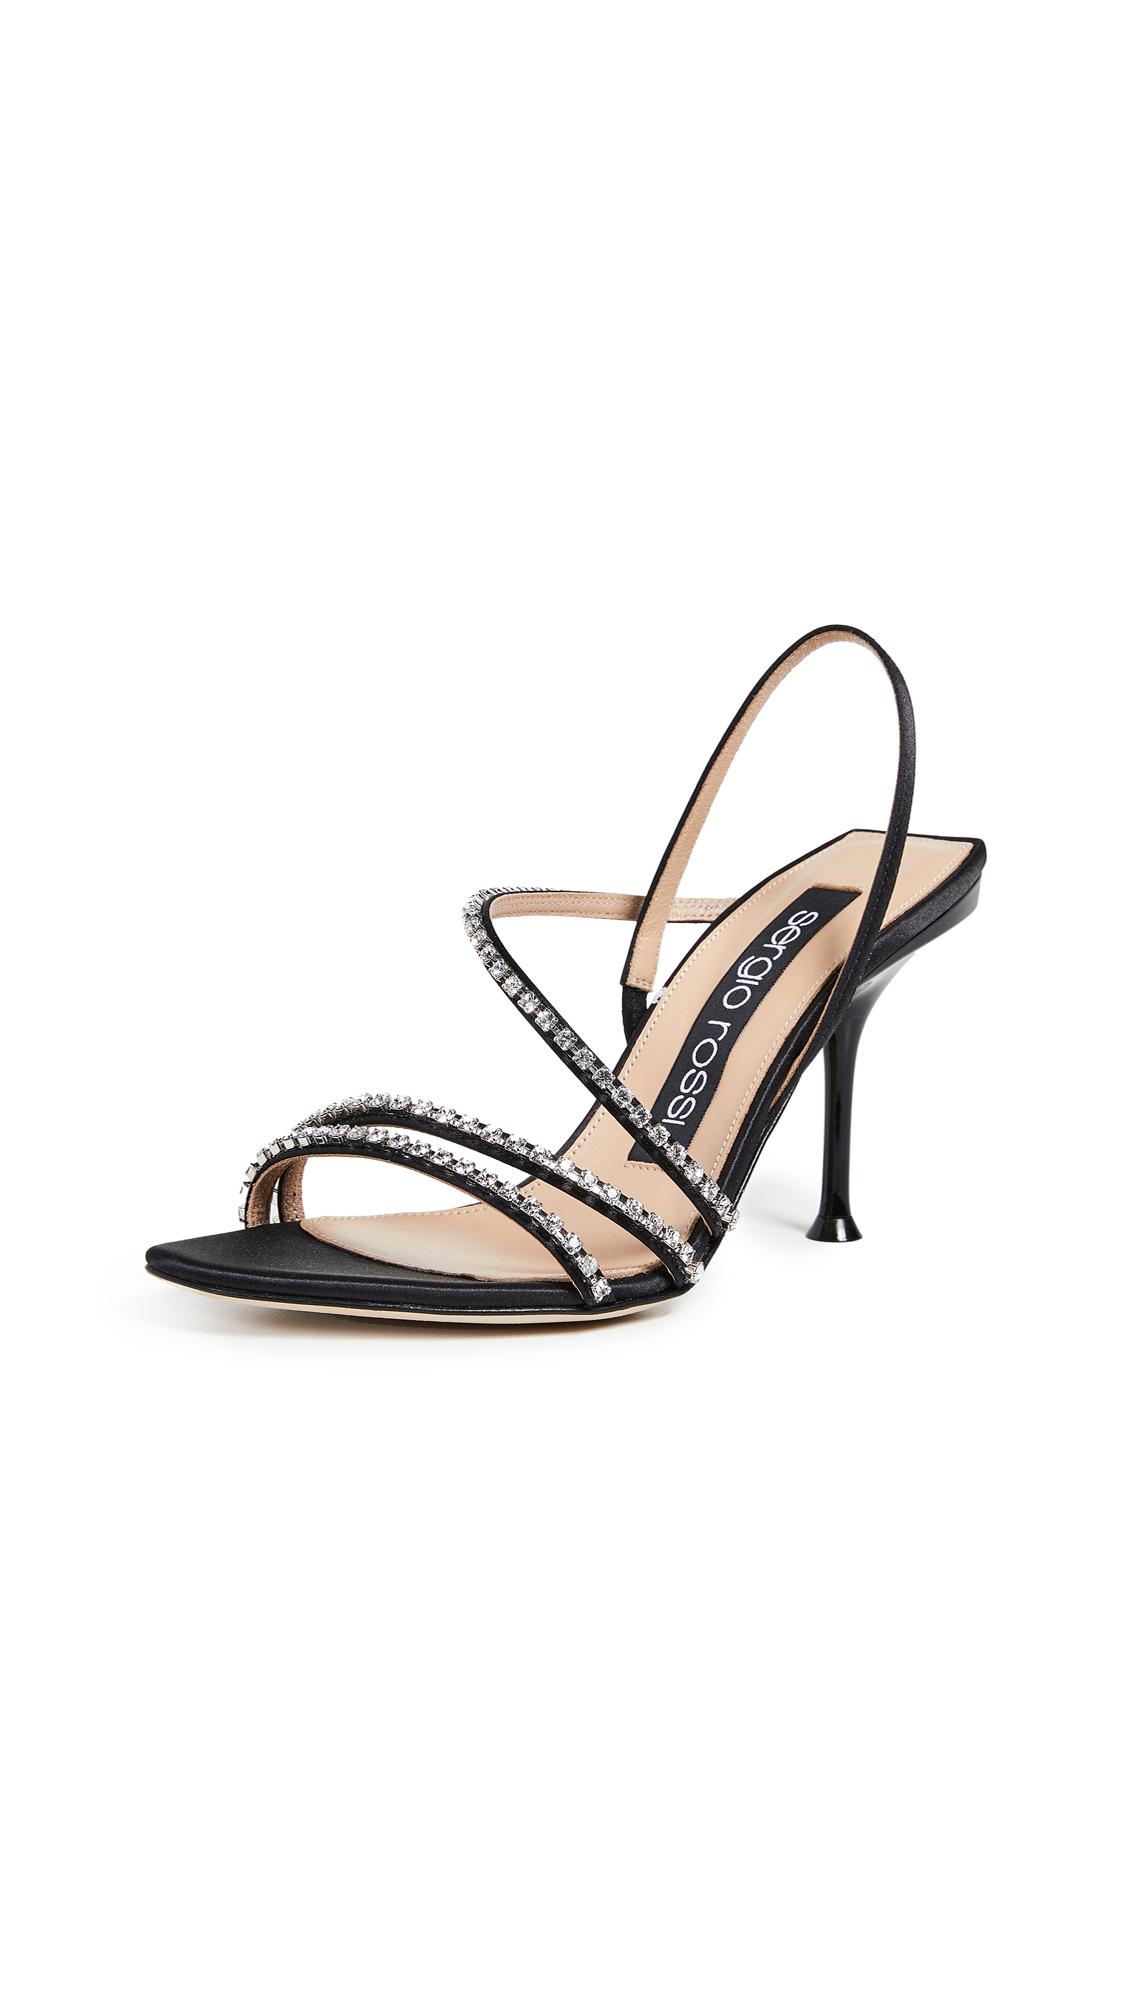 Sergio Rossi Milano Diamond Sandals - Nero